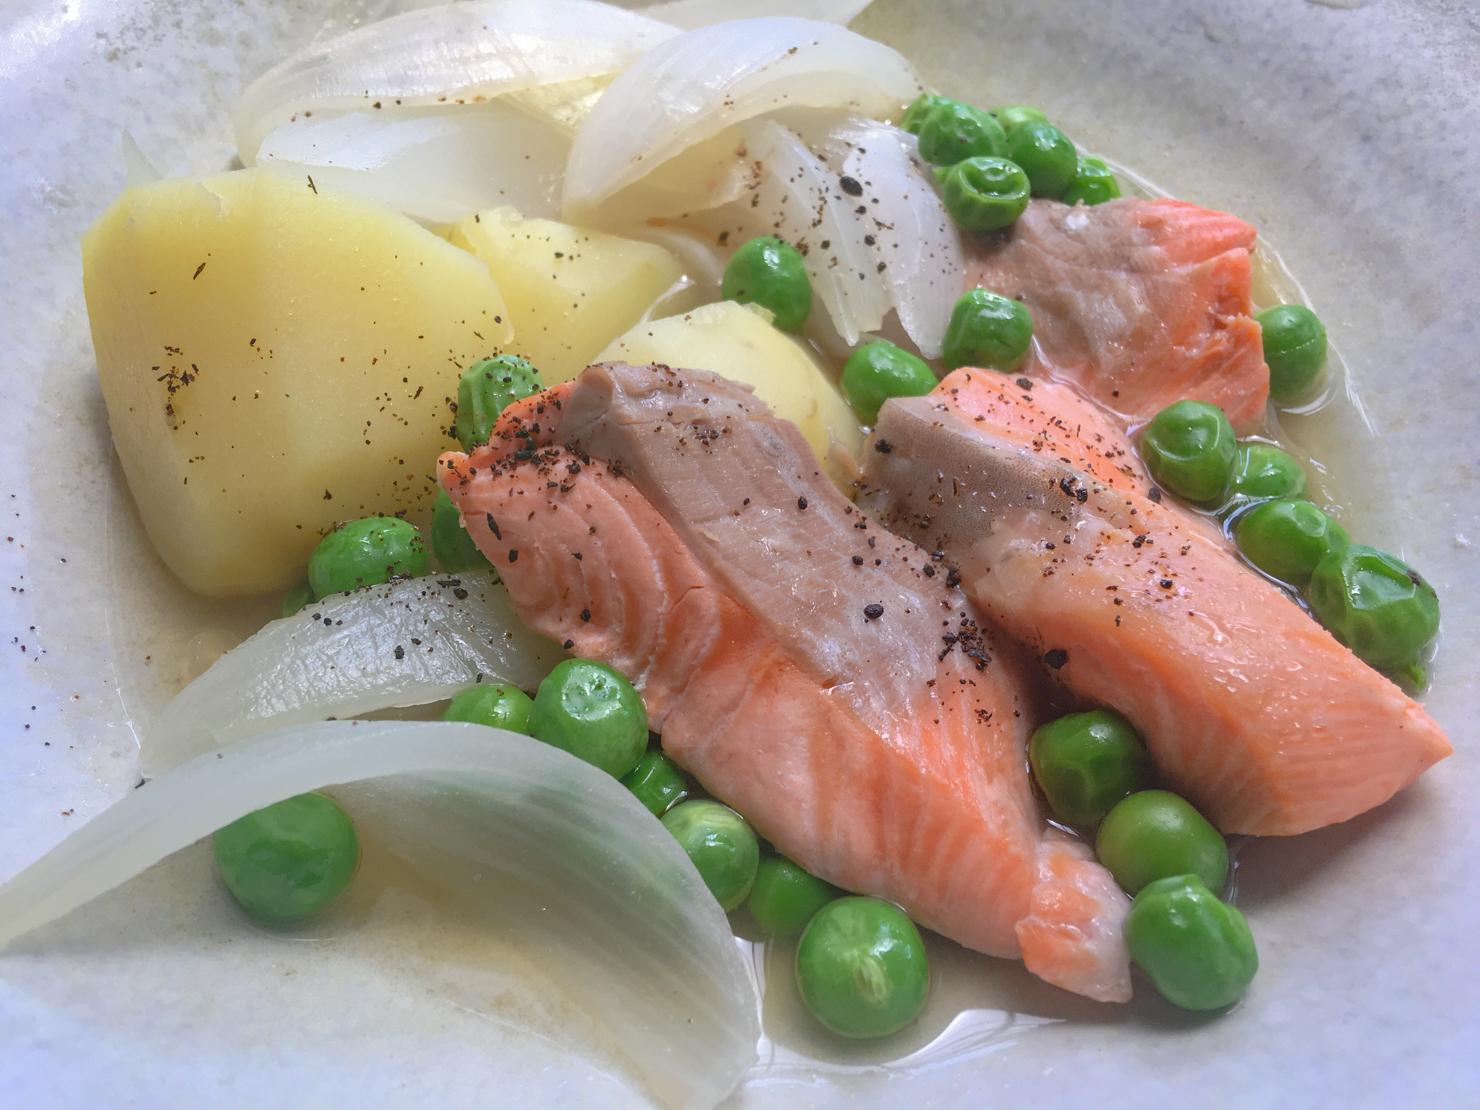 グリーンピースのさやでダシを取った煮物の写真